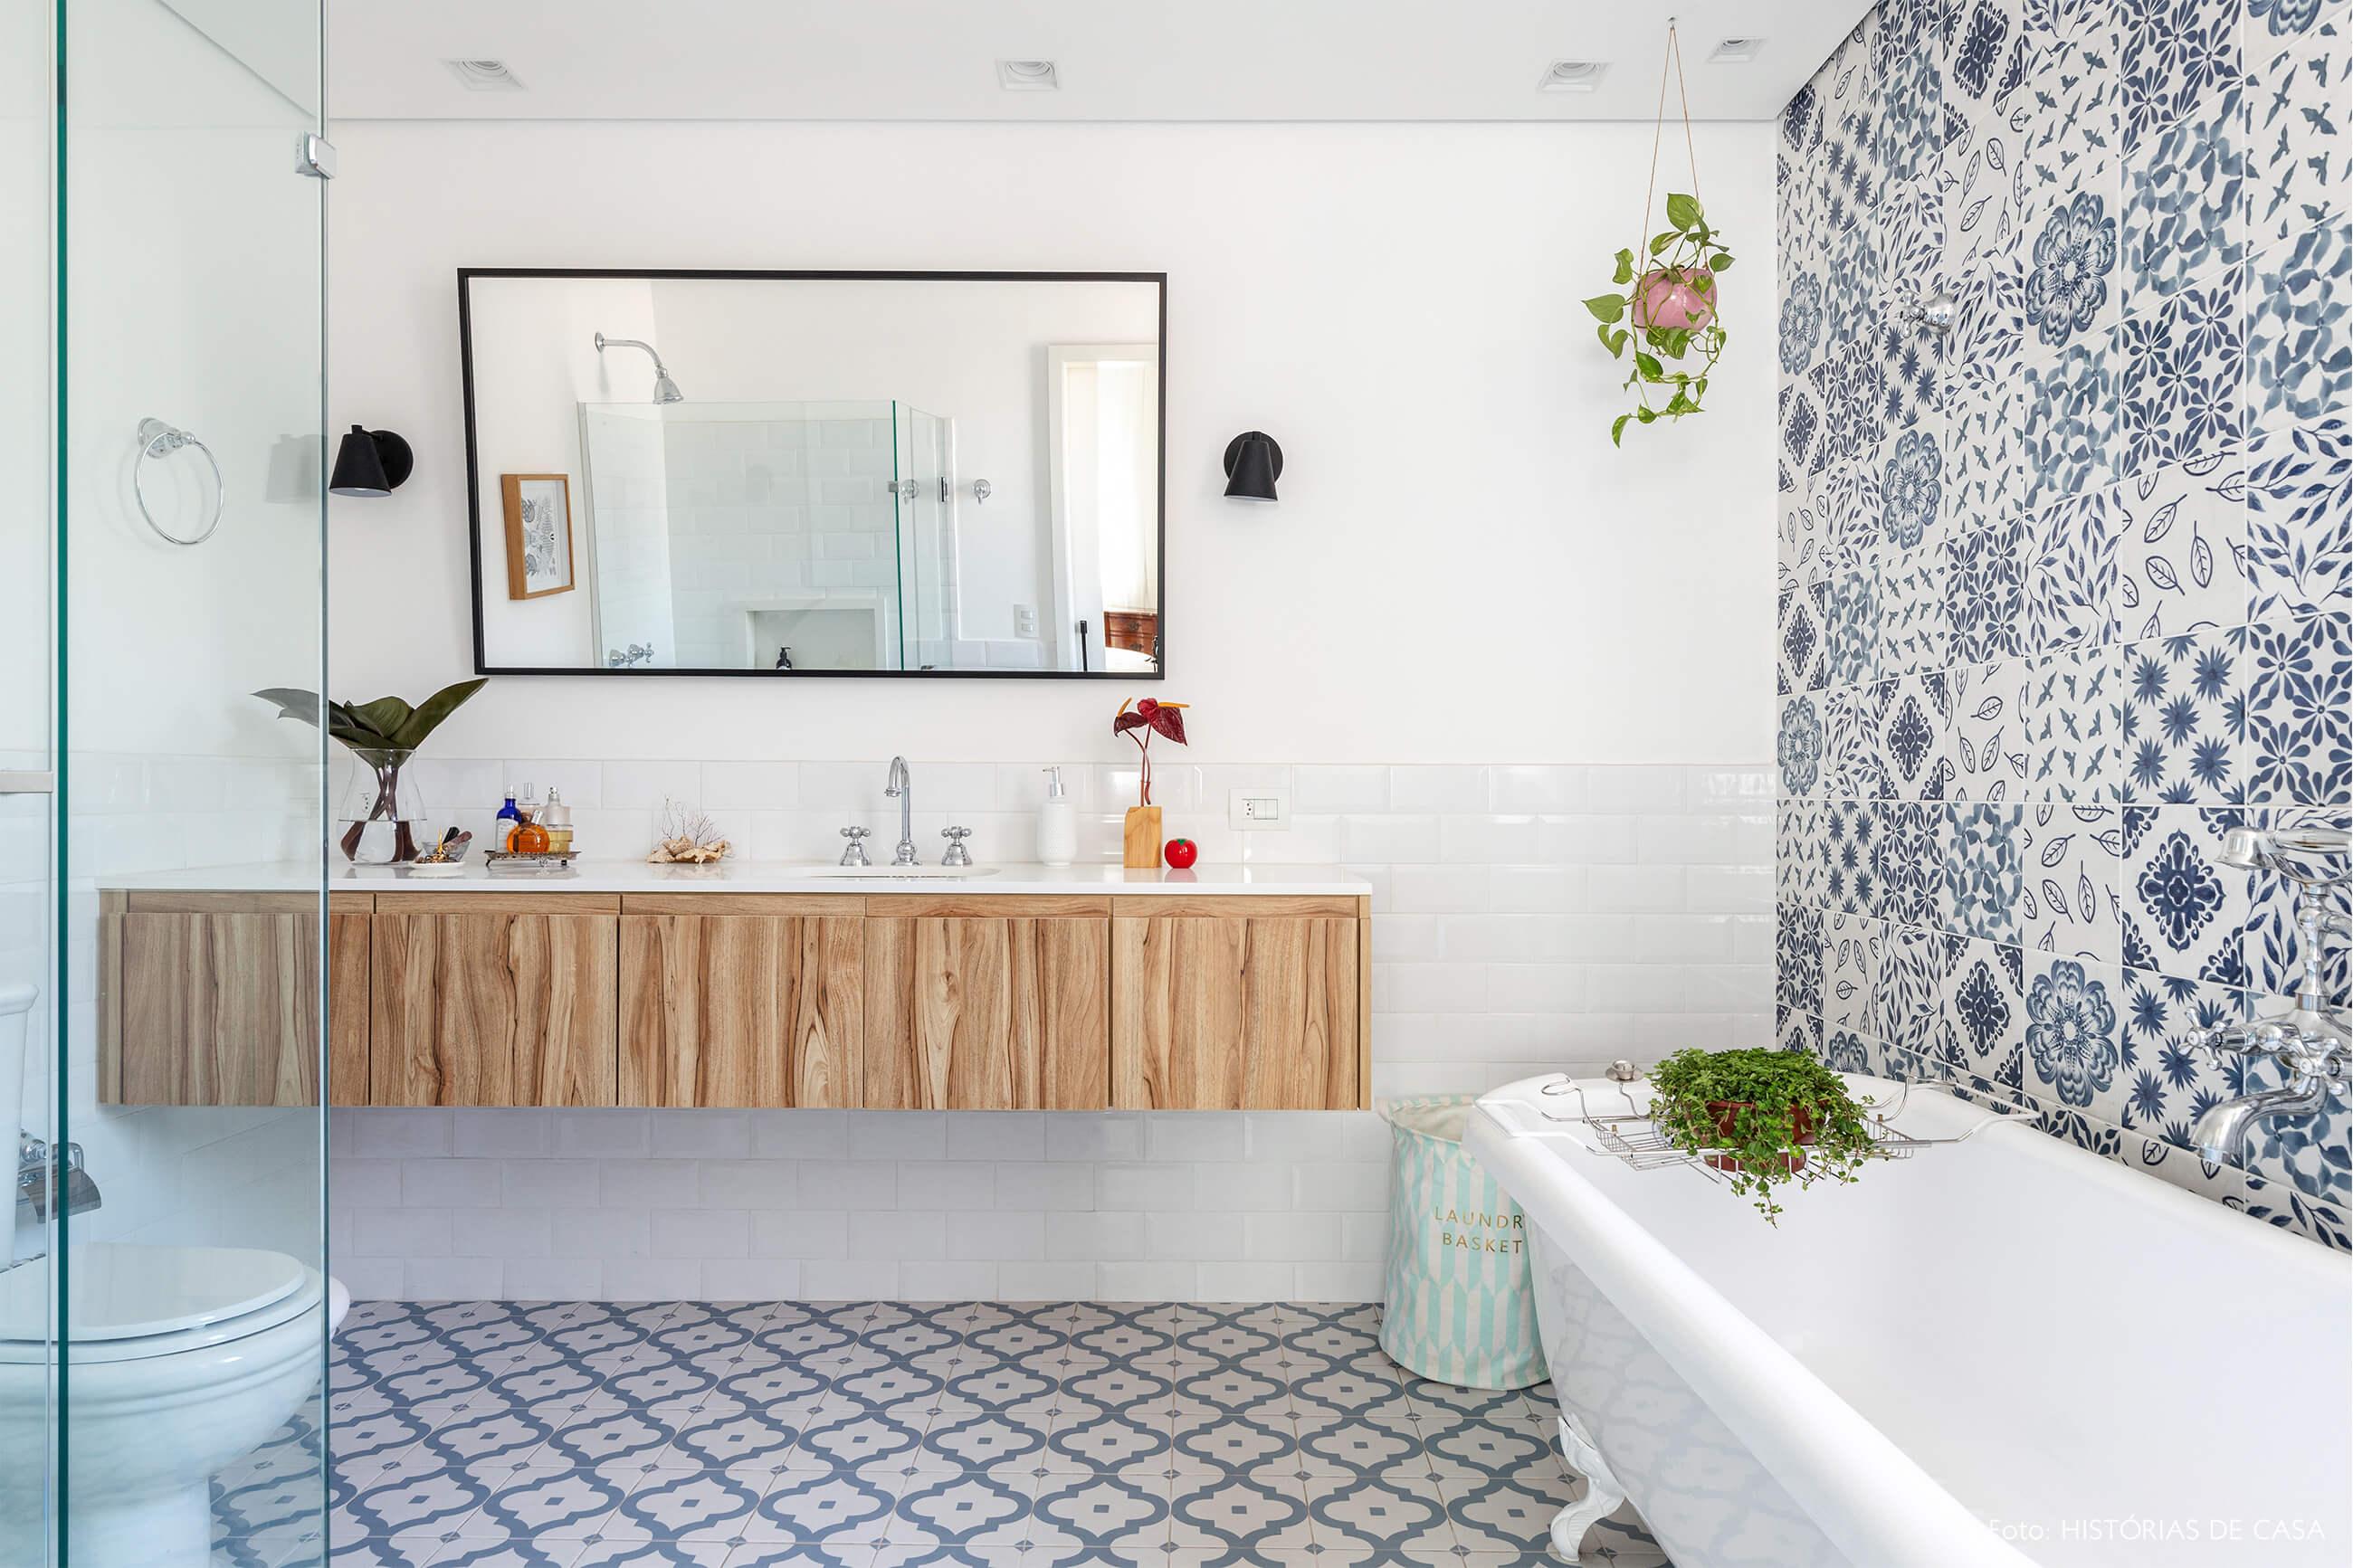 Banheiro com azulejo azul e branco e banheira e plantas